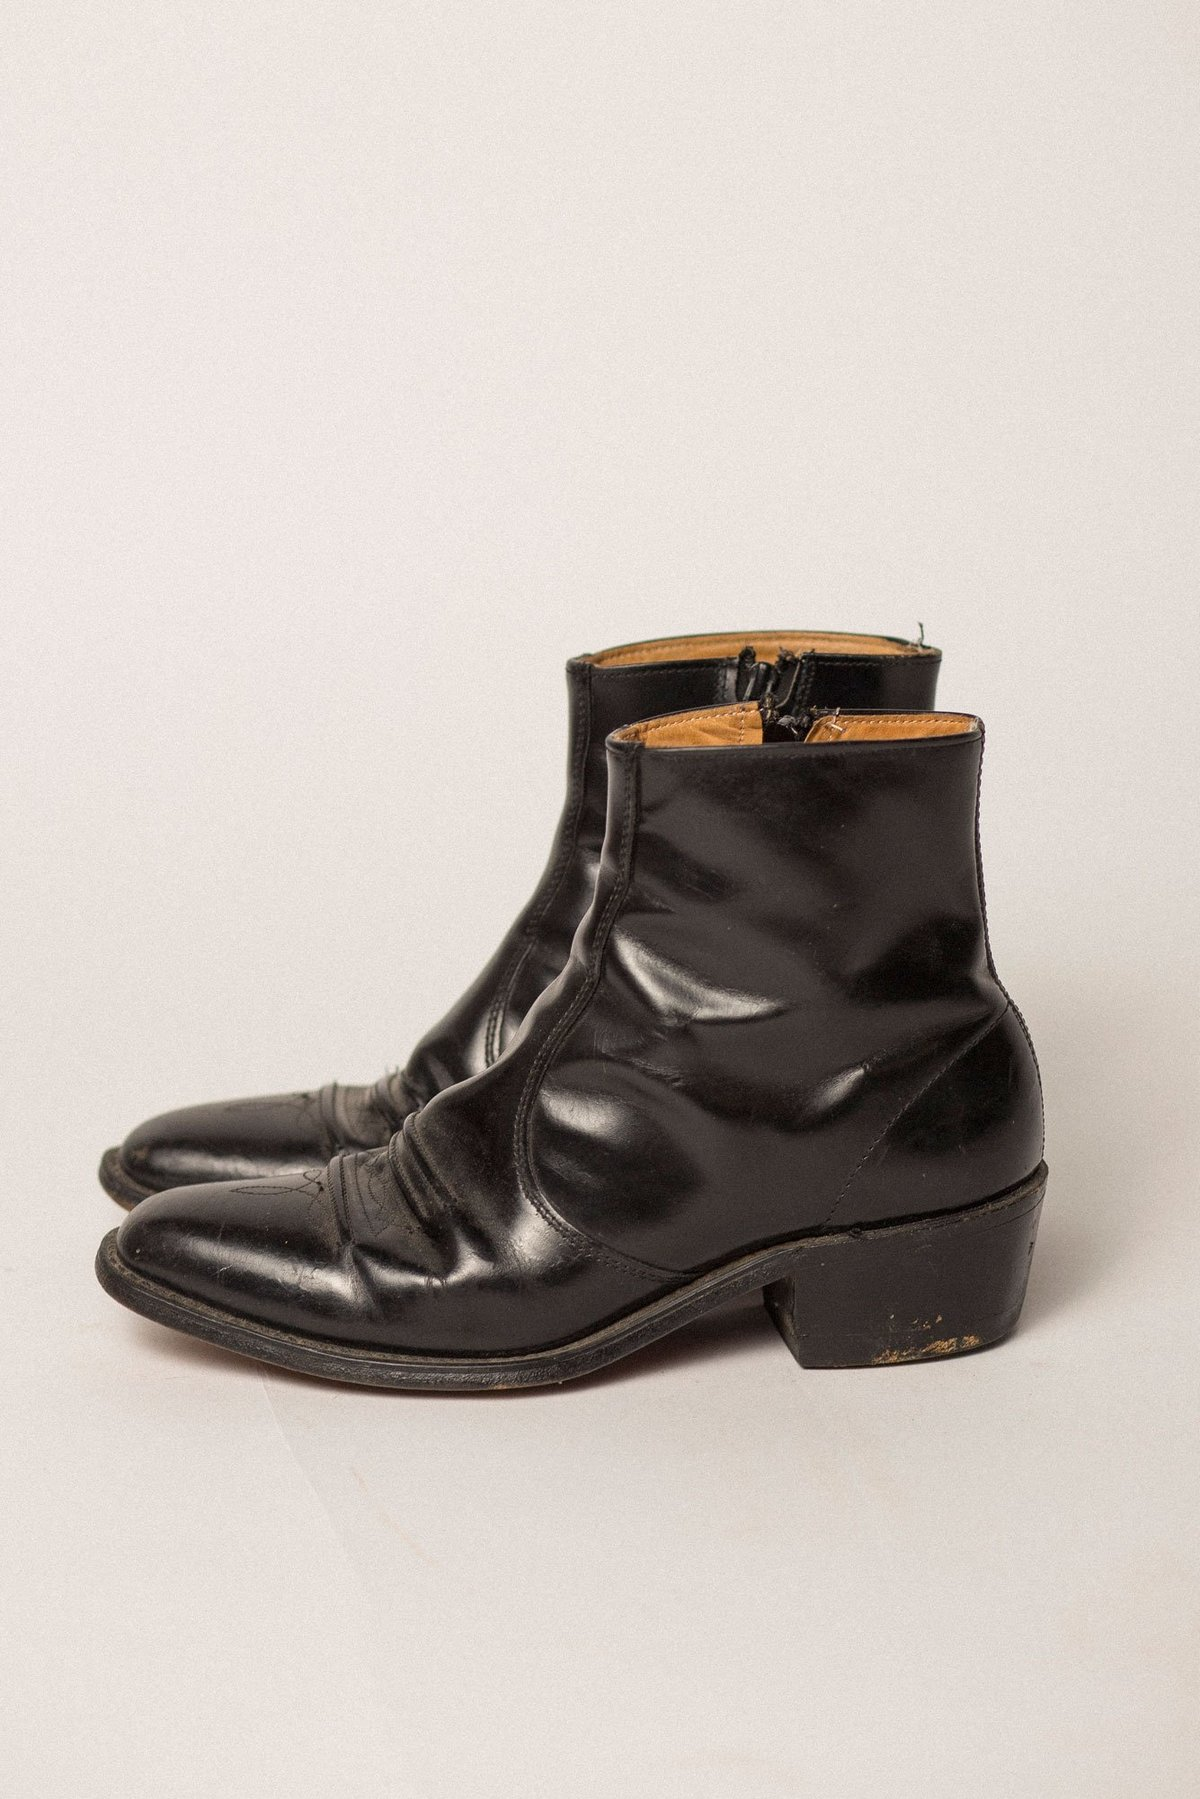 3120f2d3dd4 VINTAGE Preservation Western Boots - BLACK